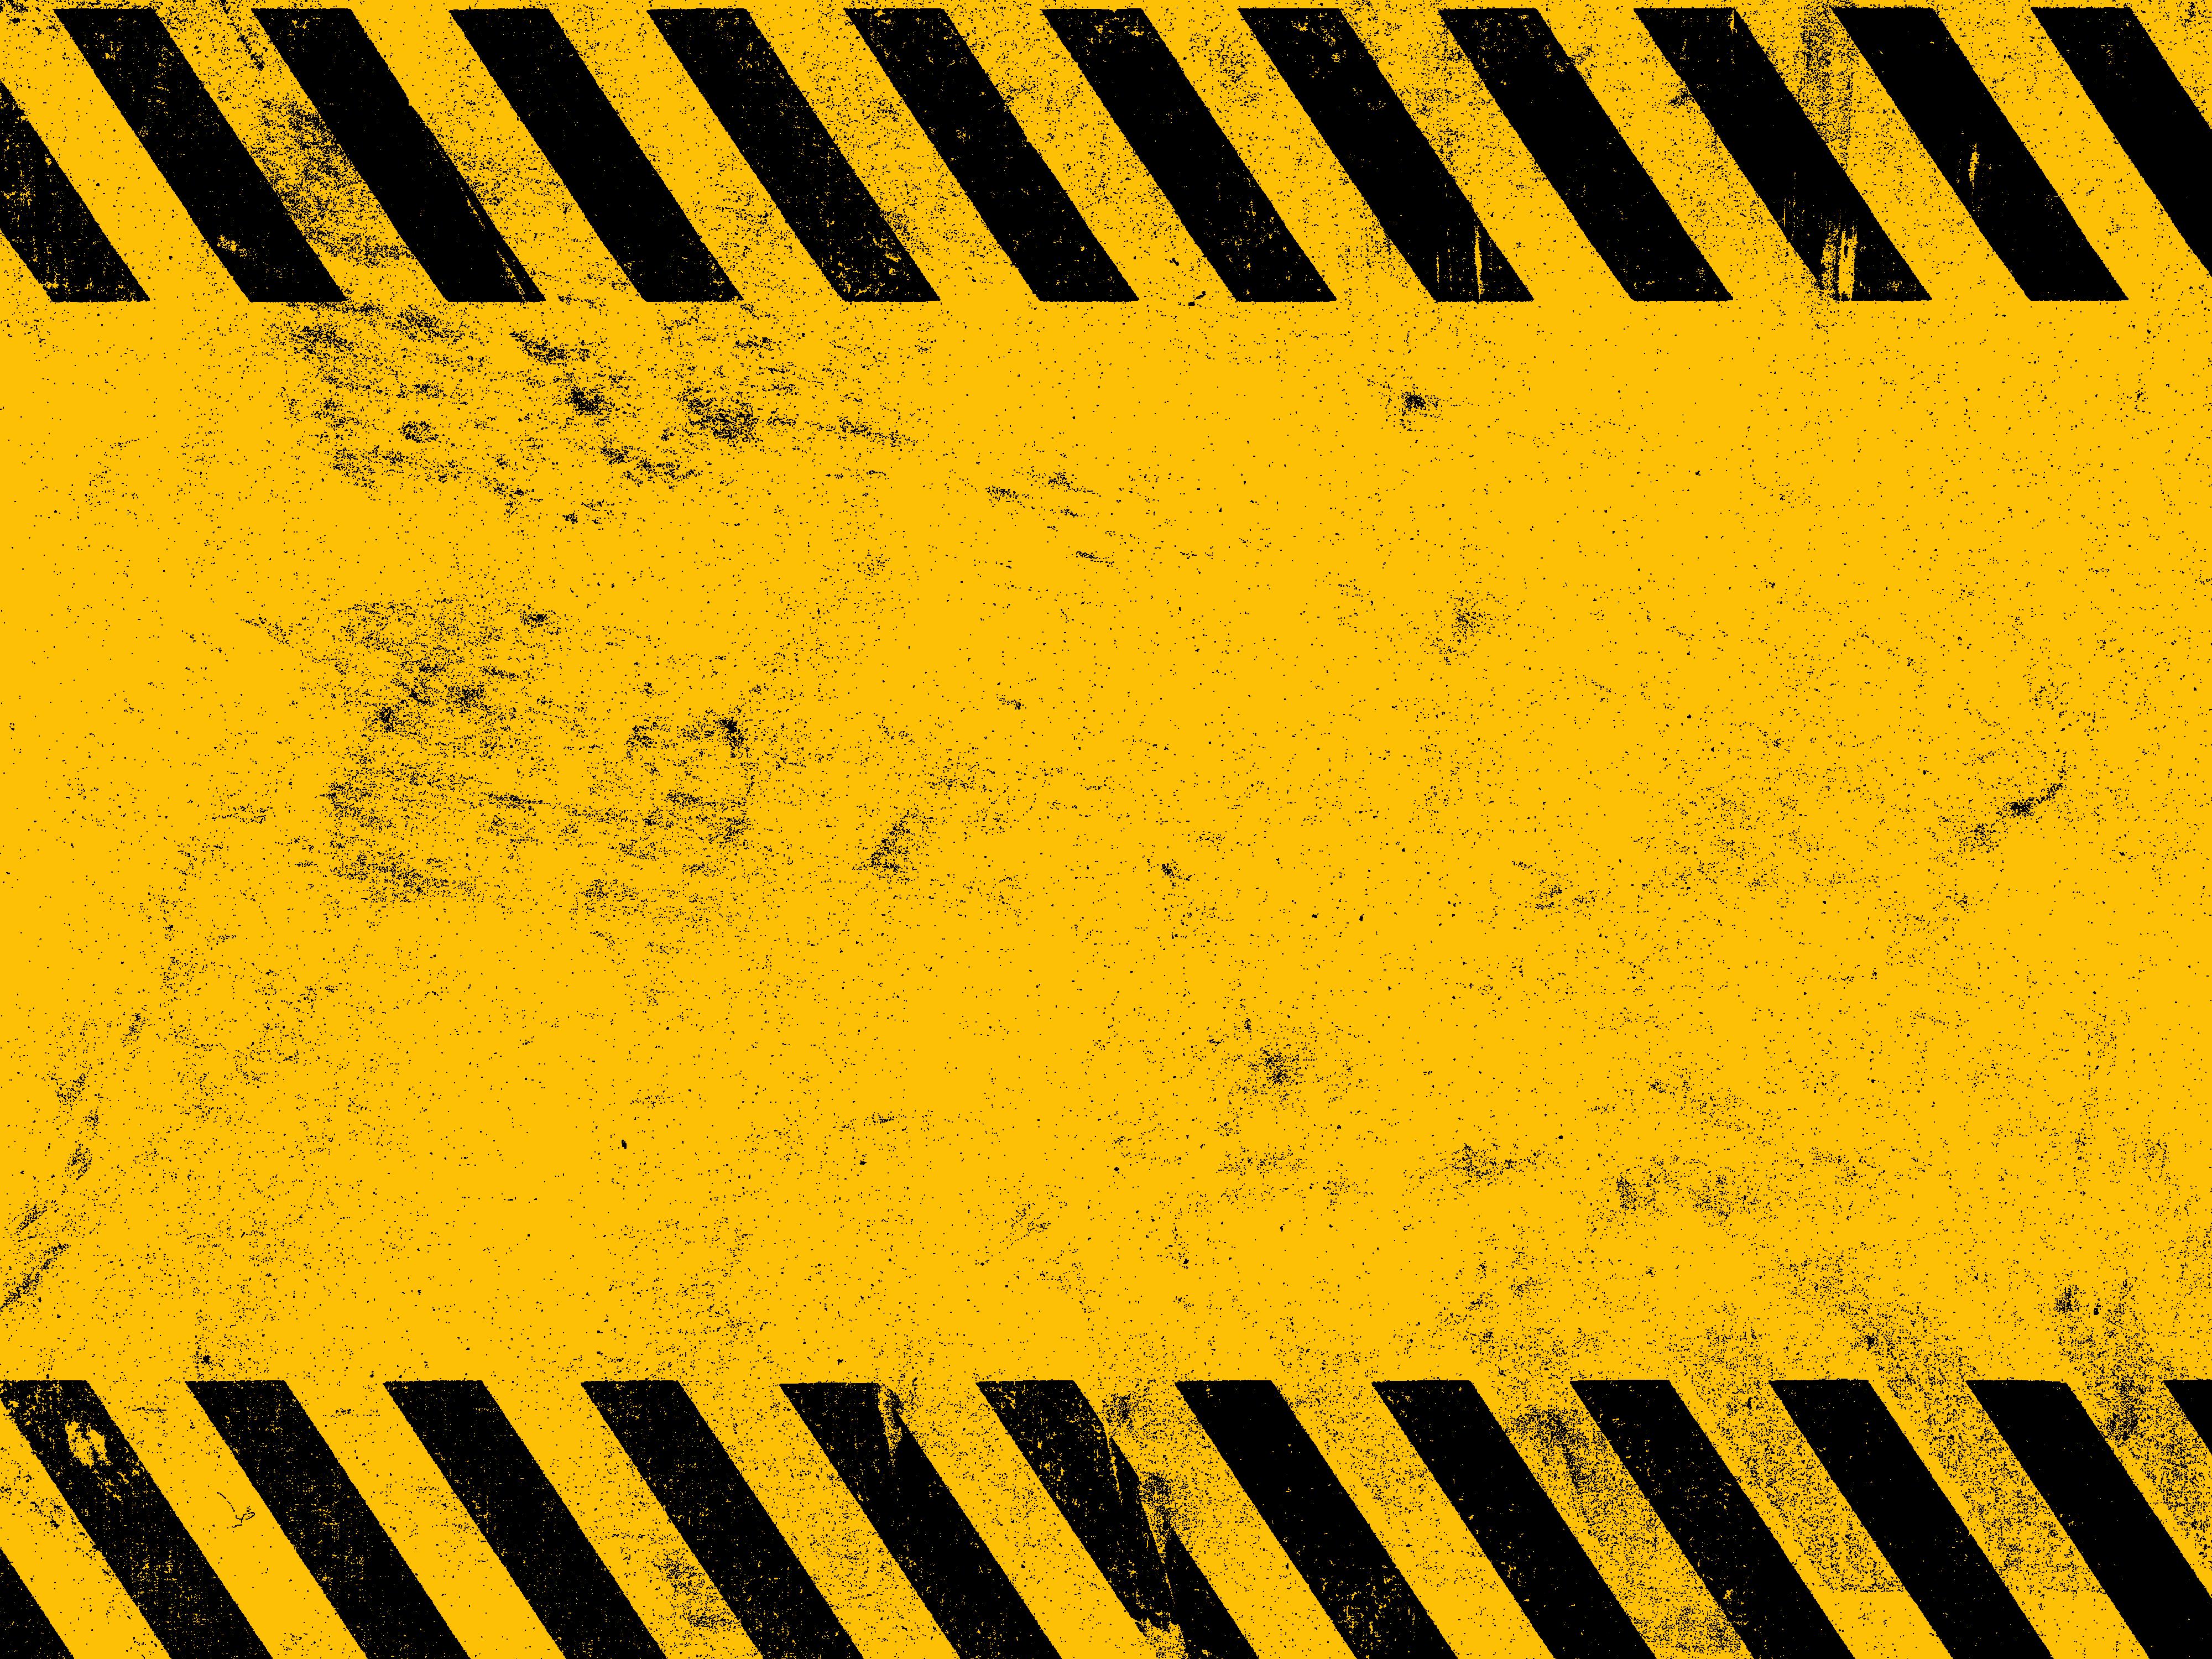 grunge-warning-line-background-1.png